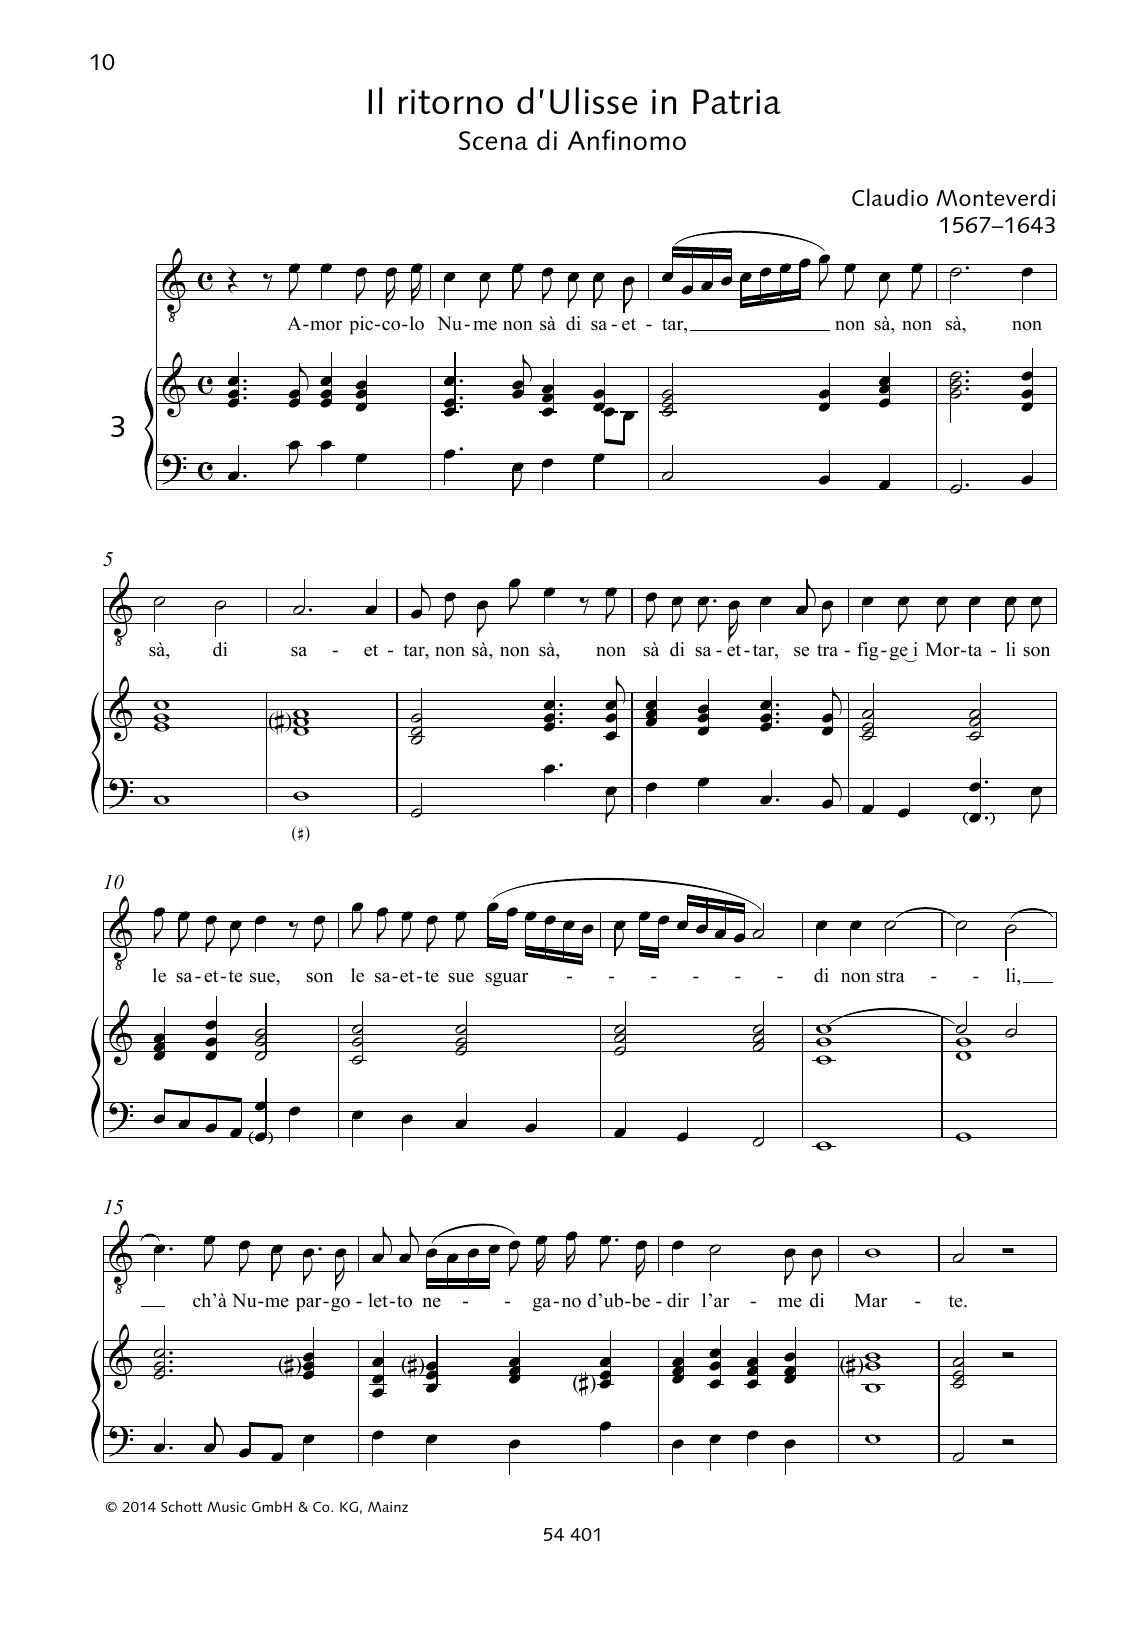 Amor piccolo Nume non sà di saettar Sheet Music